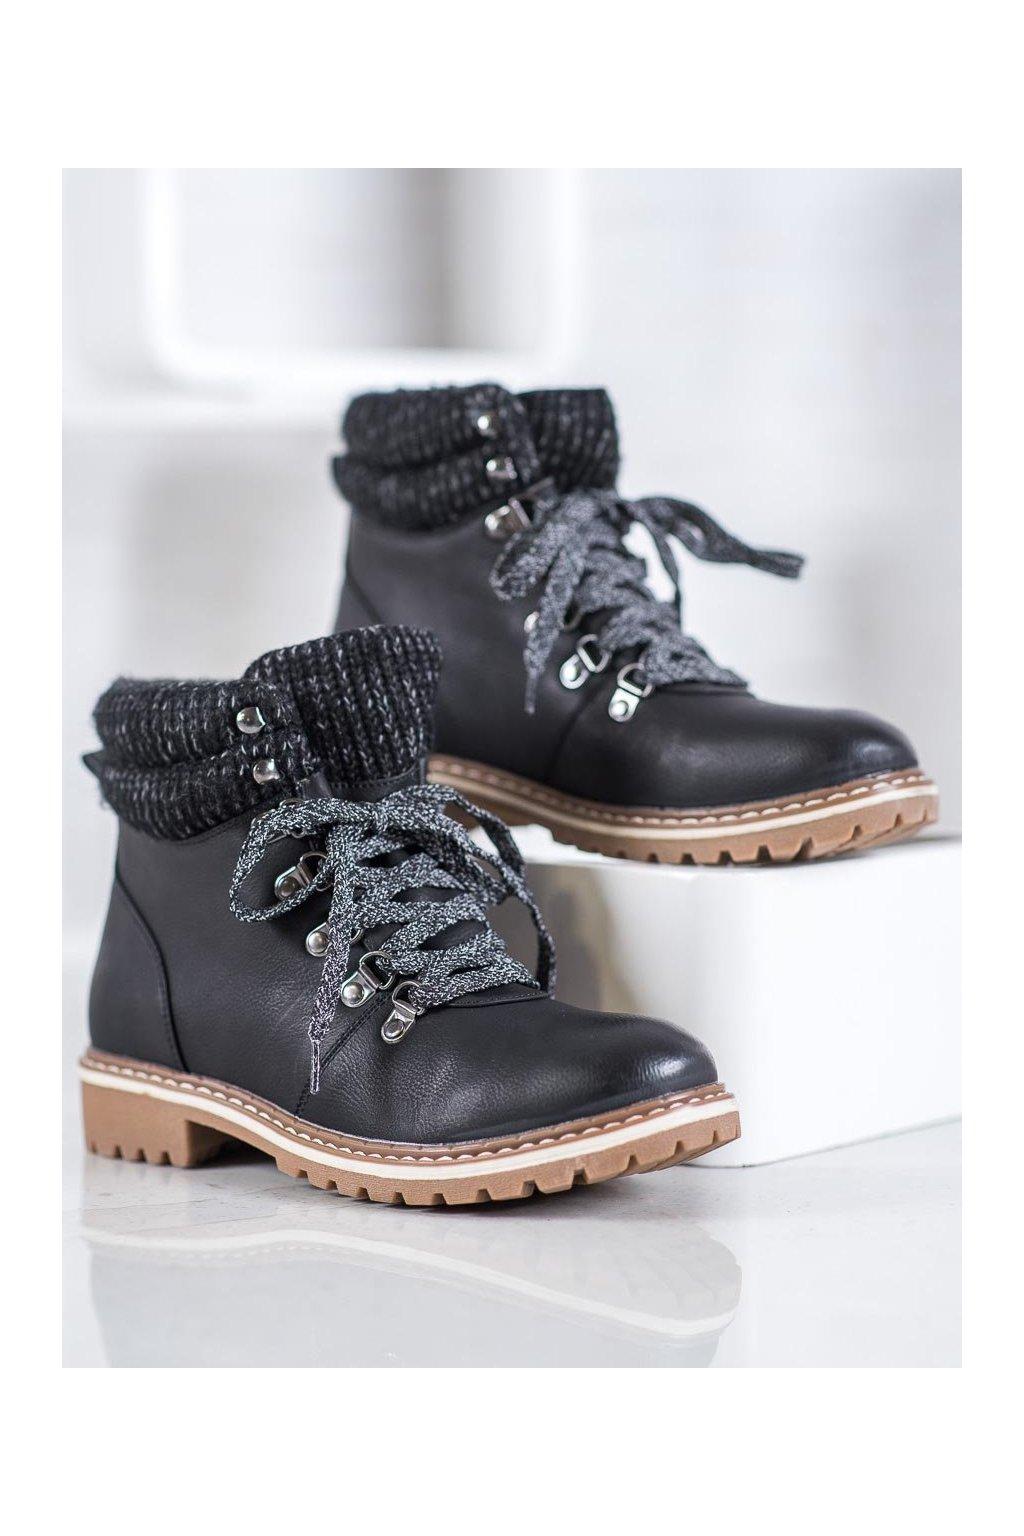 Čierne dámske topánky Goodin kod GD-BM-125B